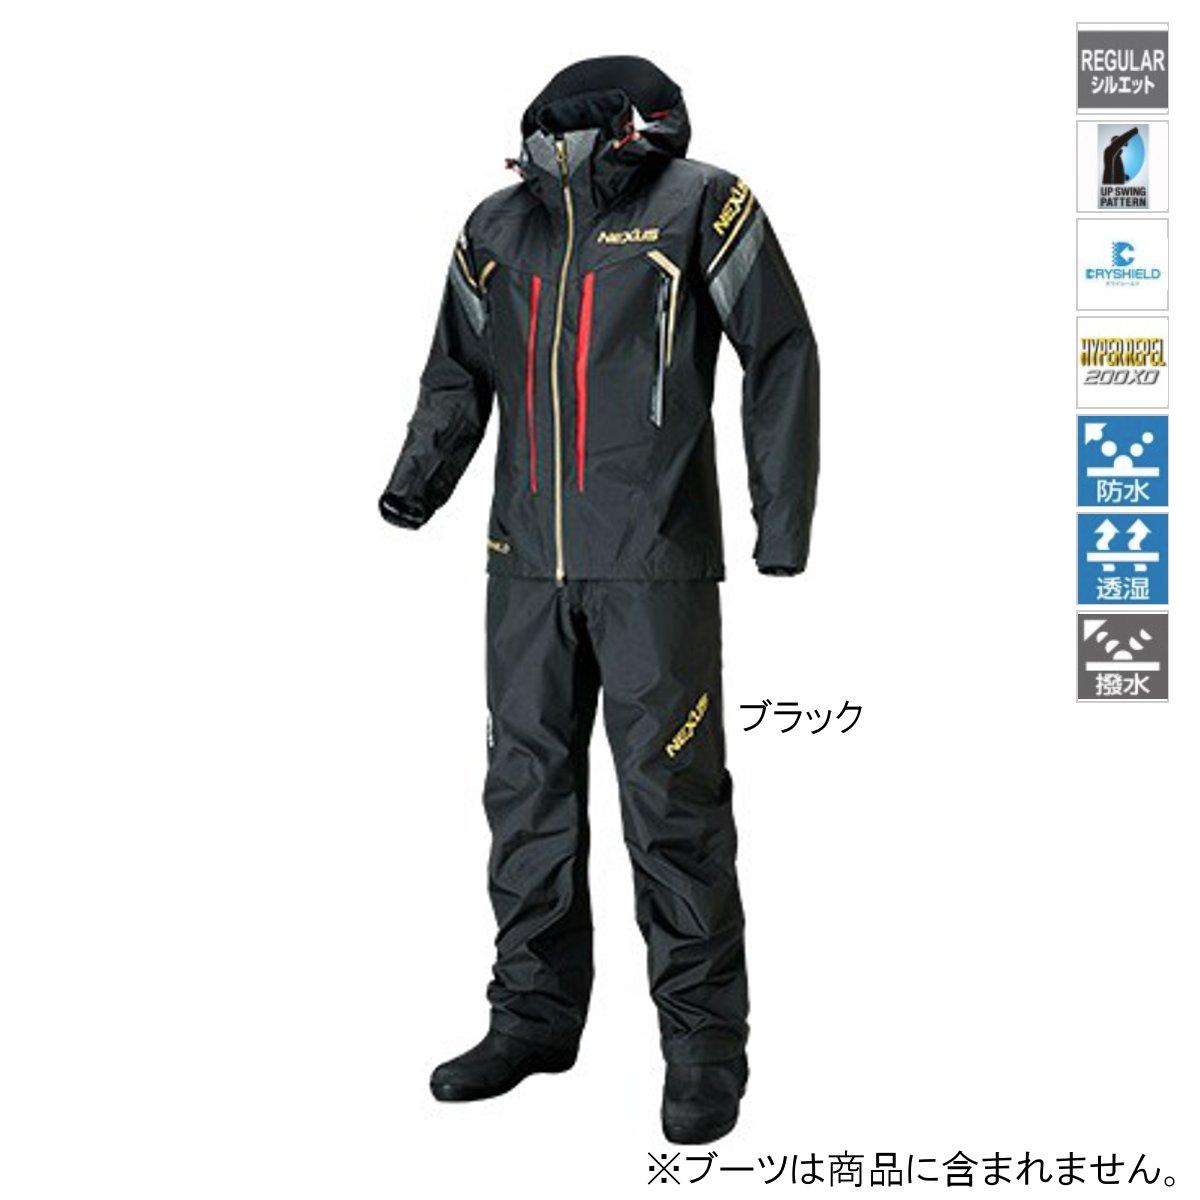 シマノ NEXUS・DS タフレインスーツ RA-124S 2XL ブラック